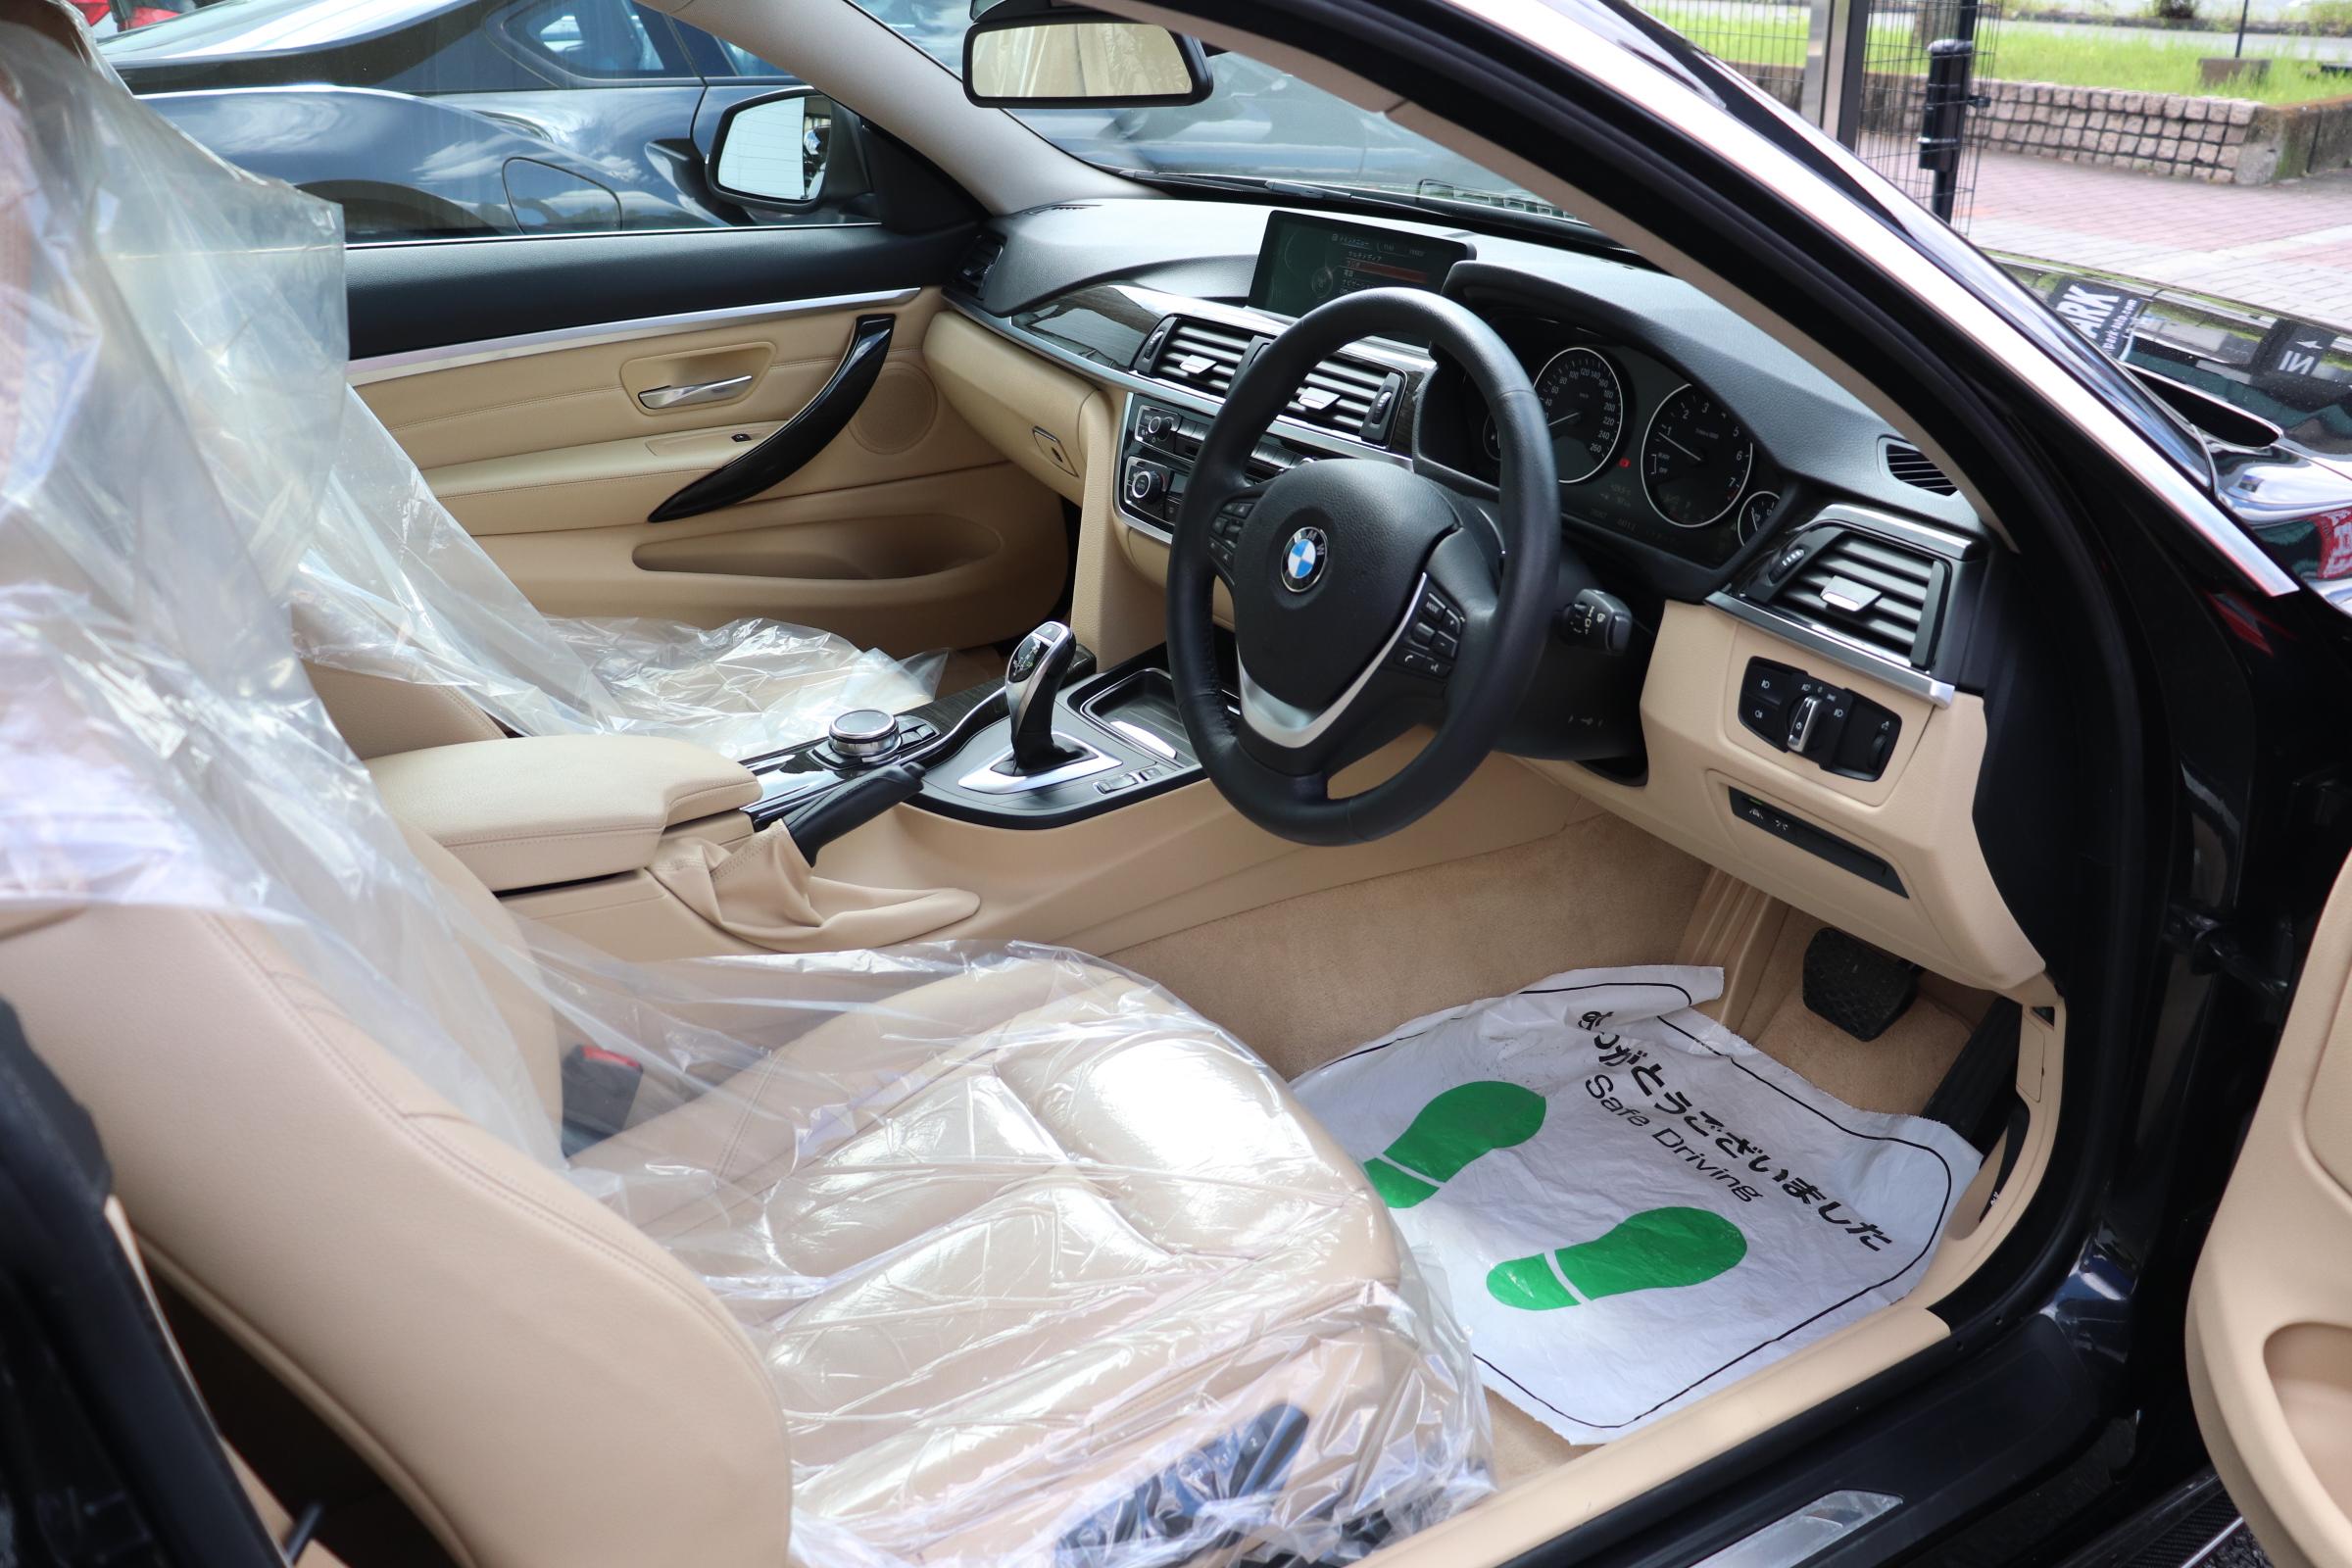 420iクーペラグジュアリーBEAMコンプリートカー LEDヘッドライト 淡革 ACC車両画像11